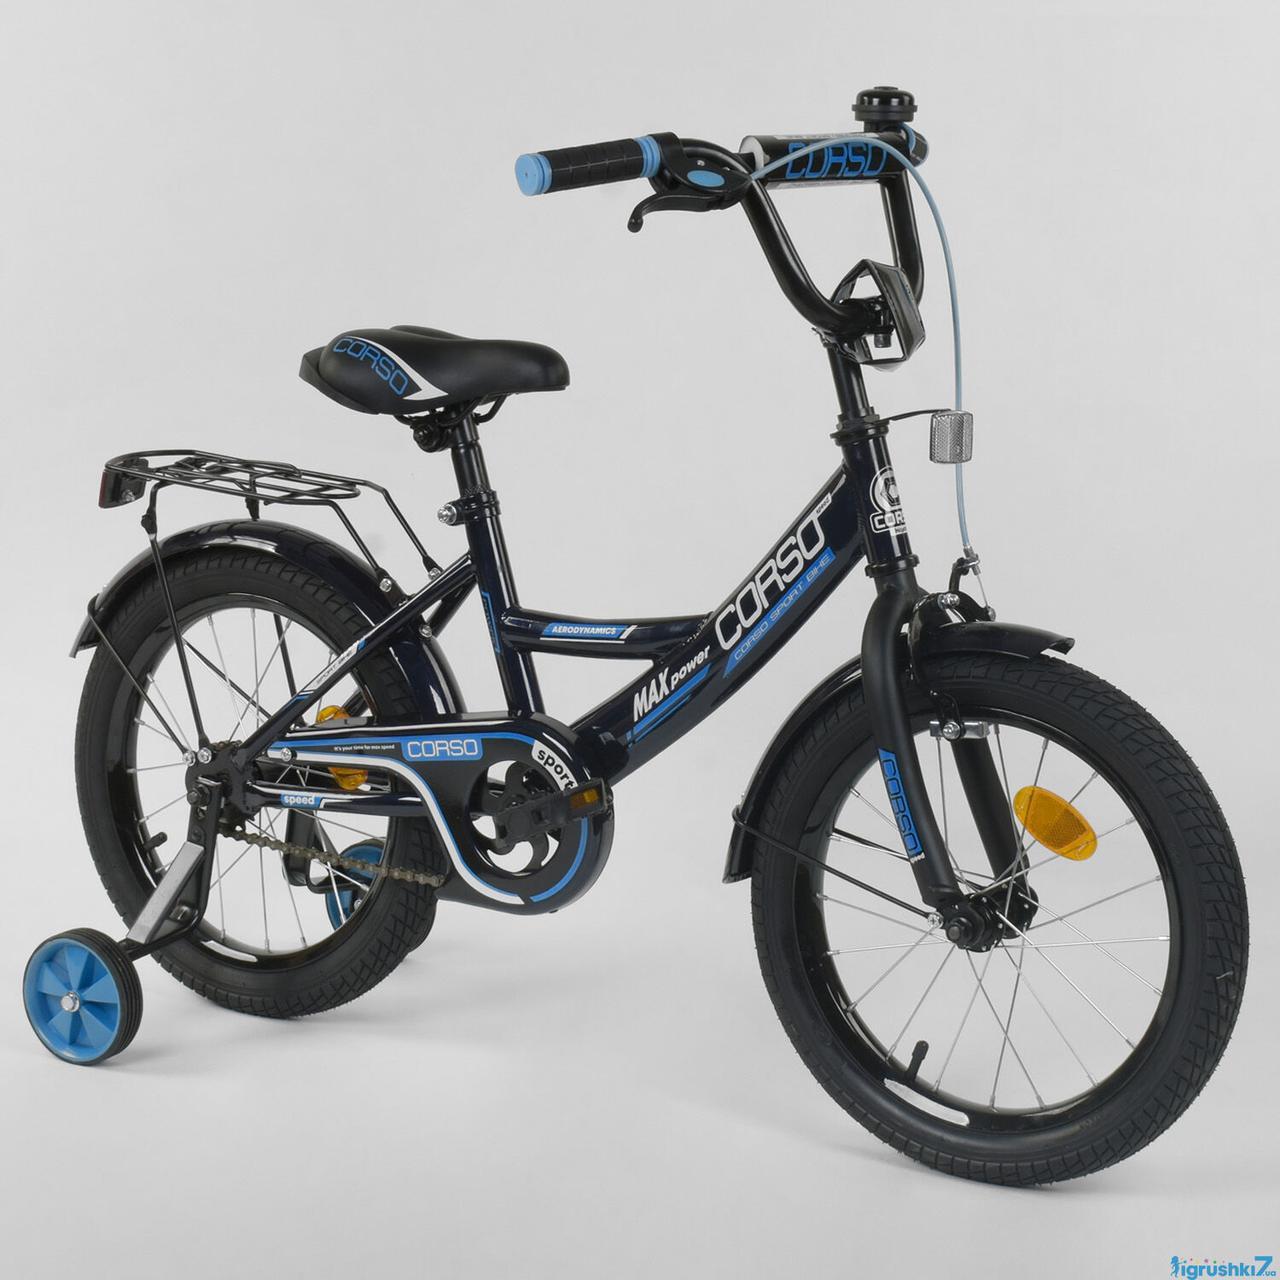 Детский двухколесный велосипед Corso колеса 16 дюймов CL-16 P 6633 черный